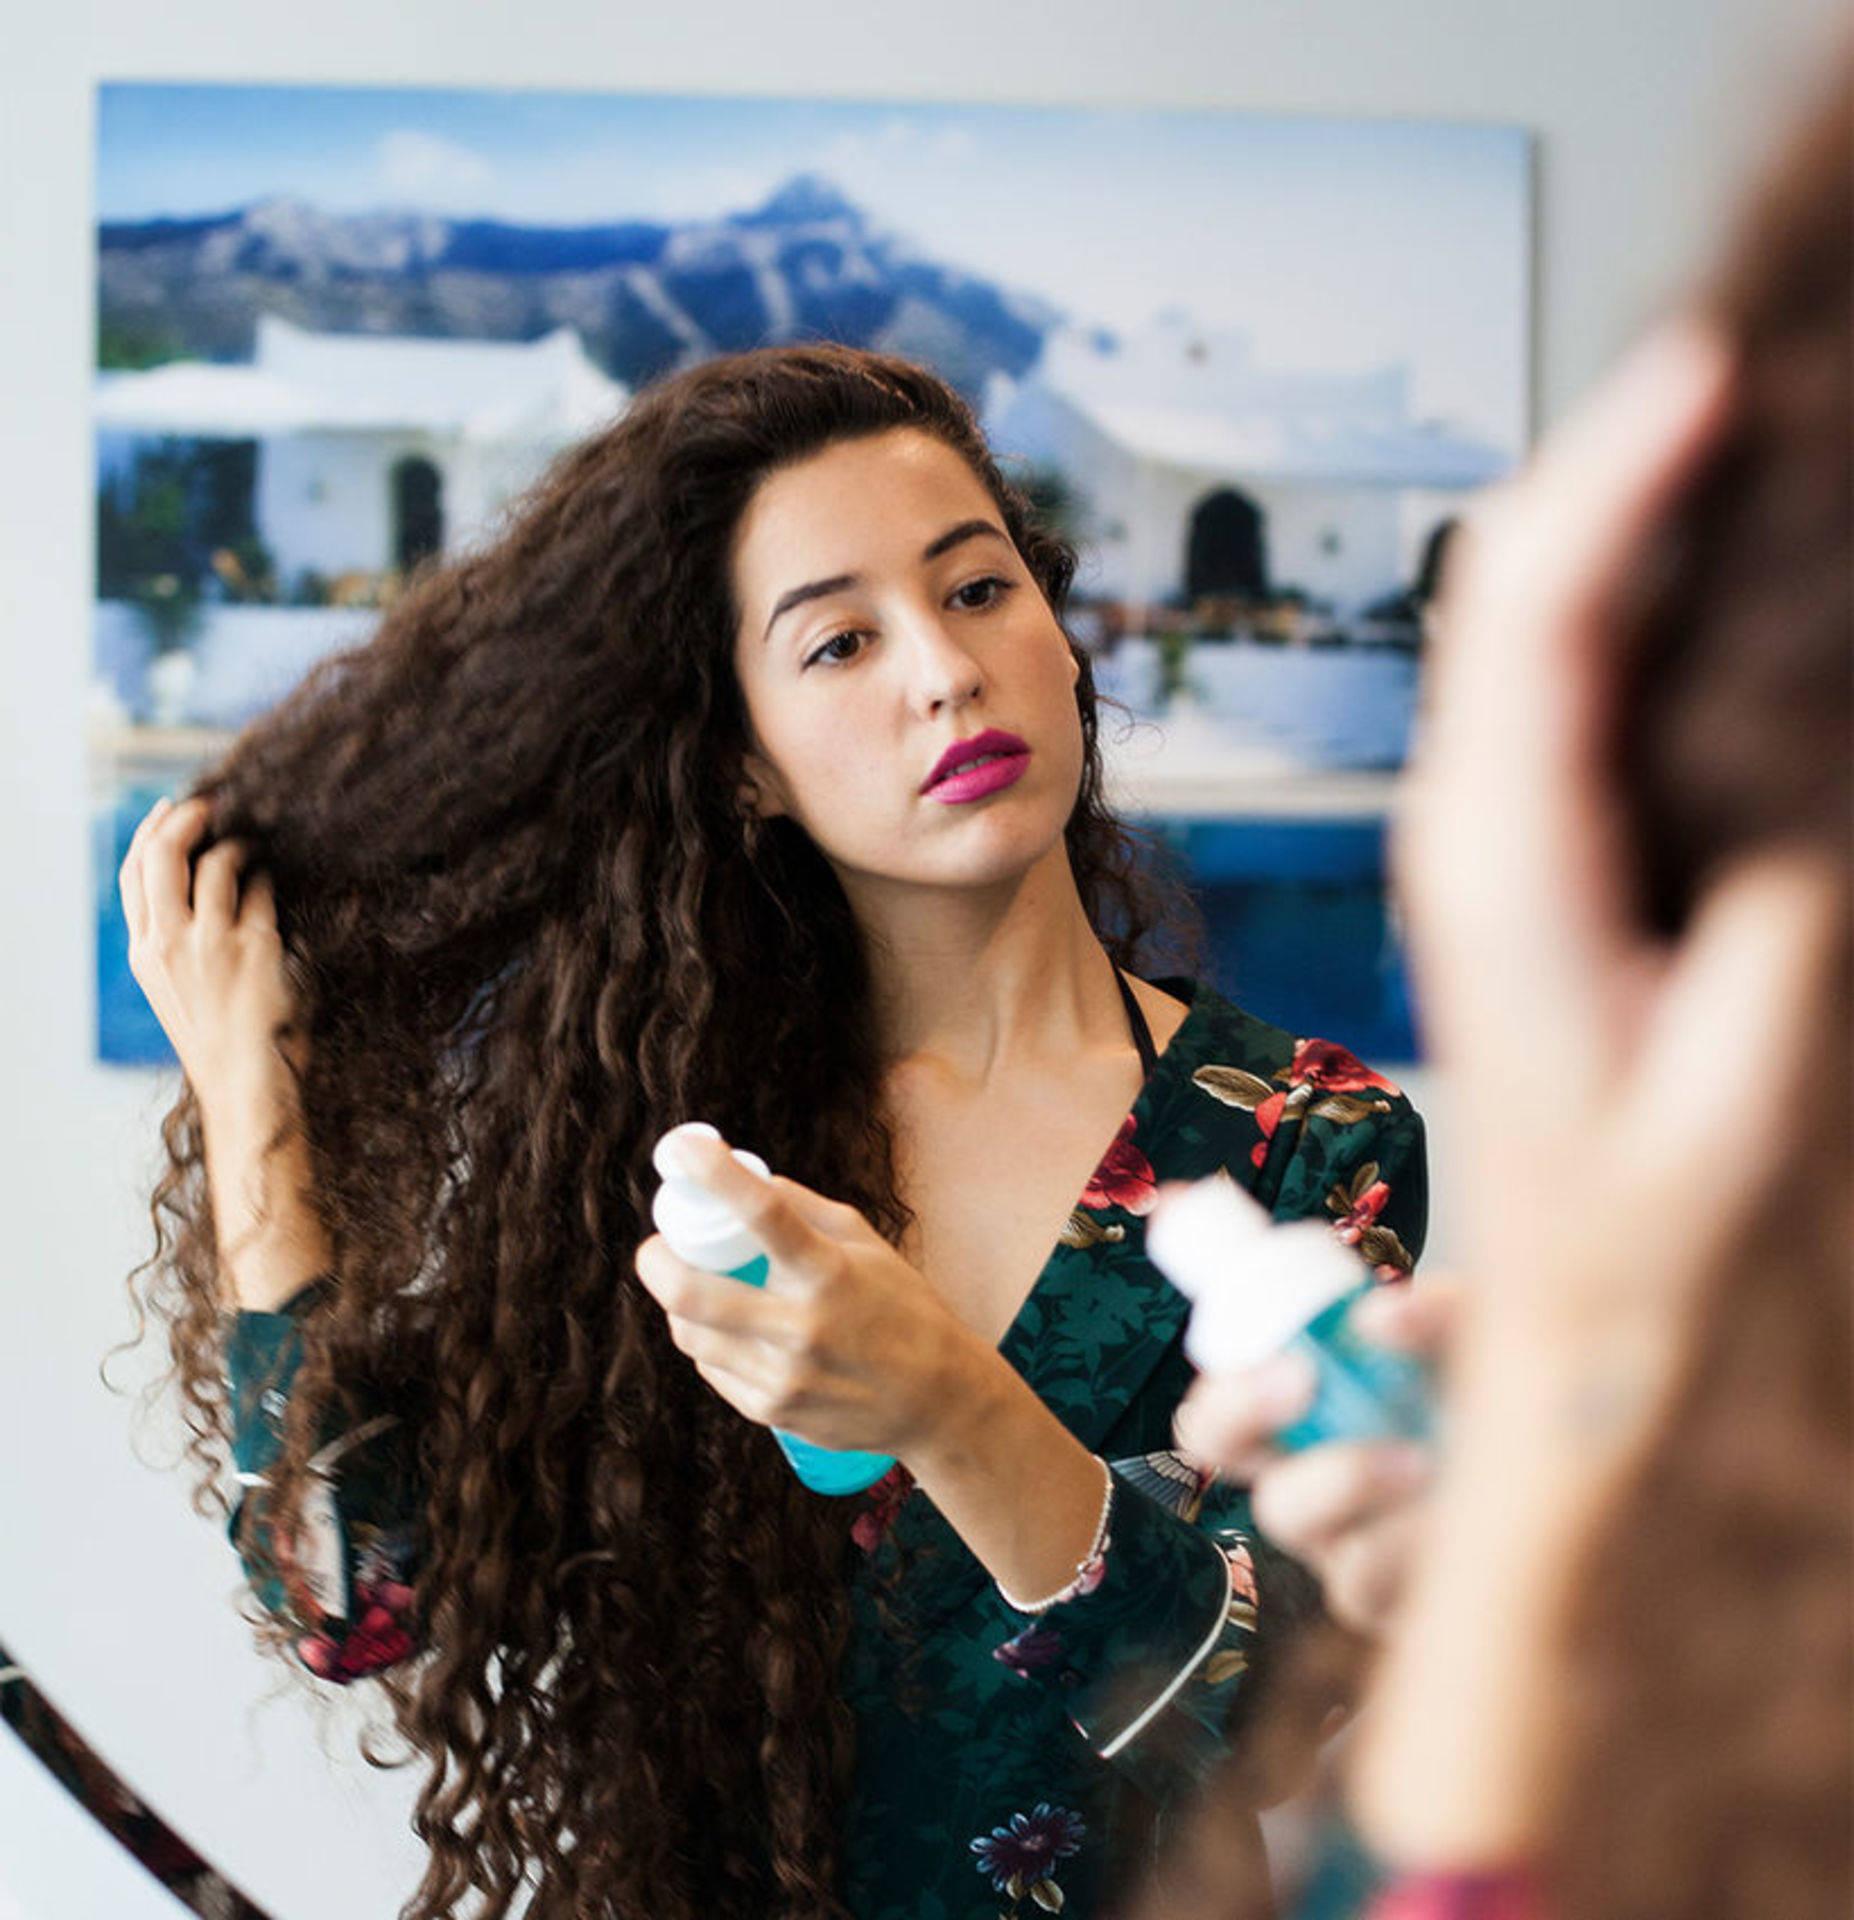 framhäva lockigt hår